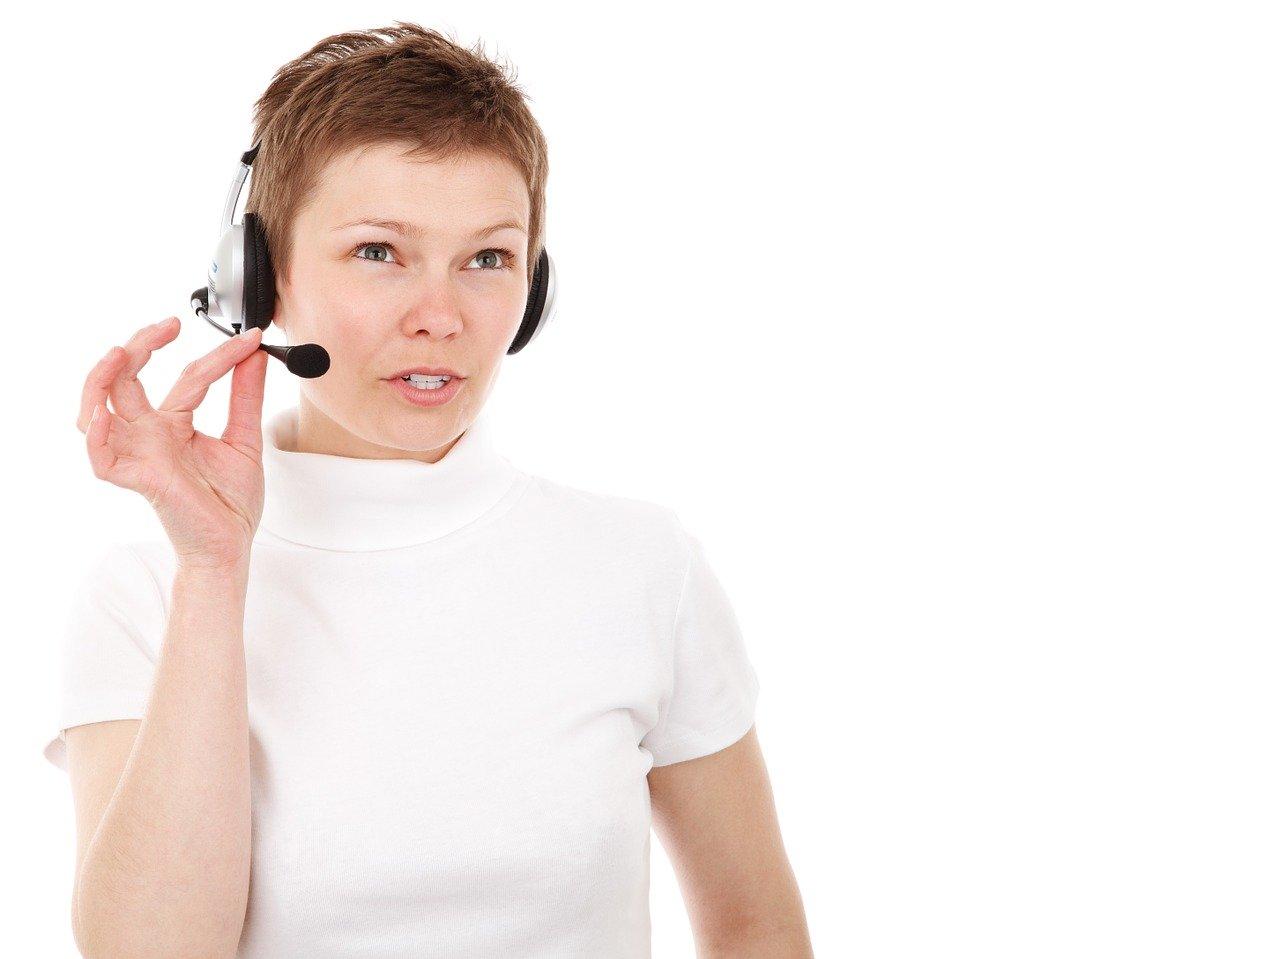 コールセンター、女性